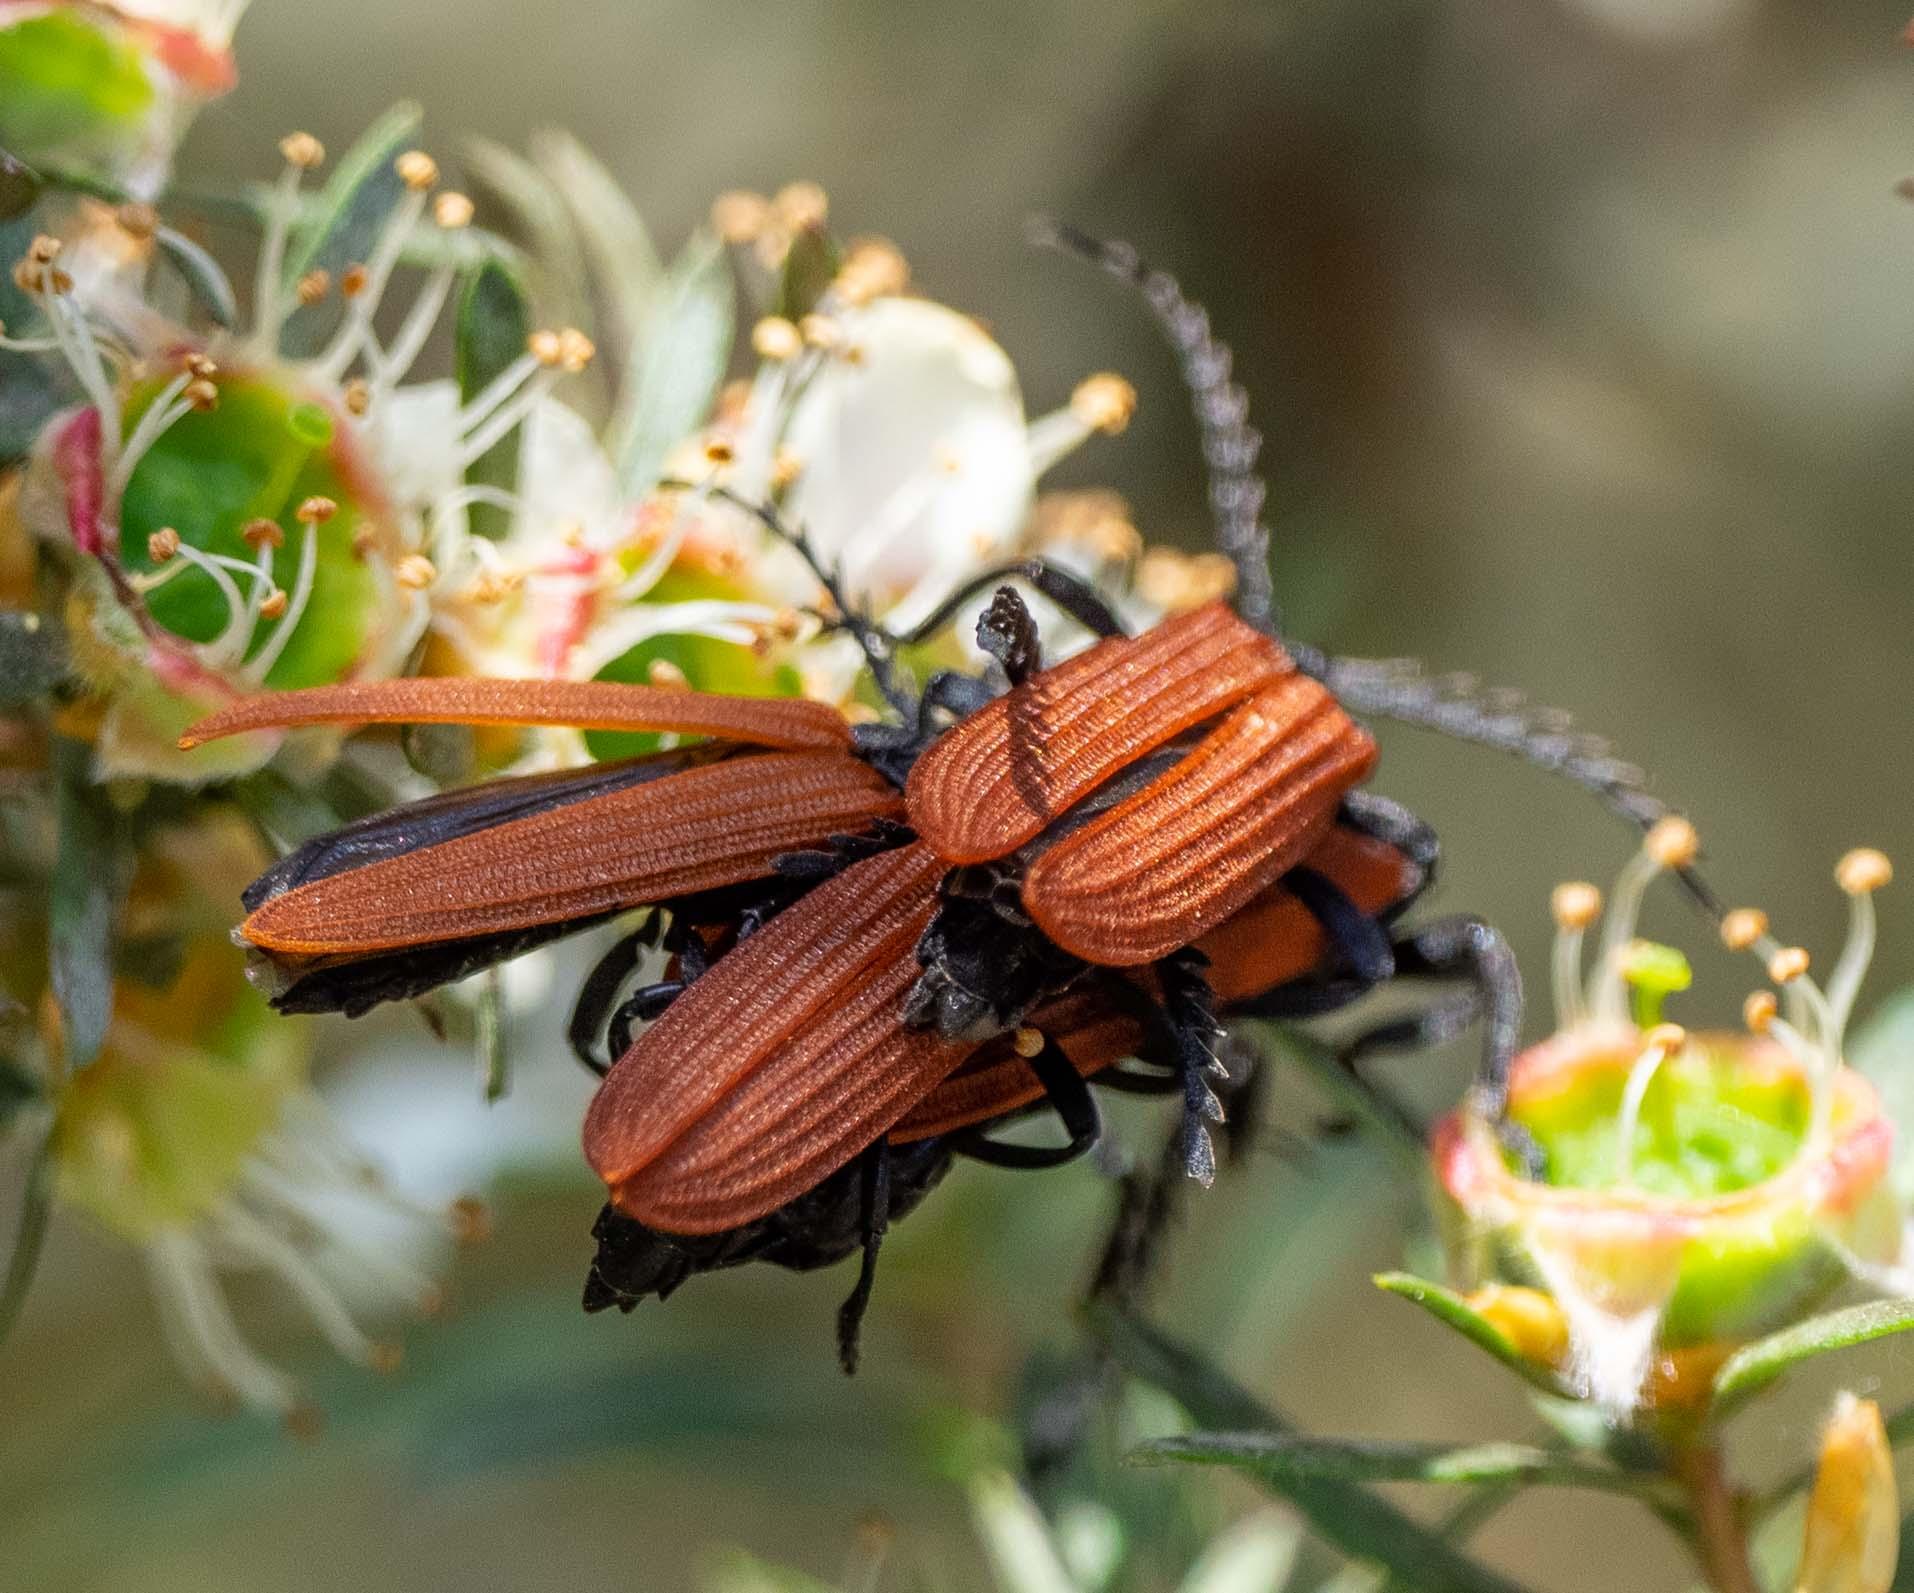 Net-winged Beetle (Porrostoma rhipidium)